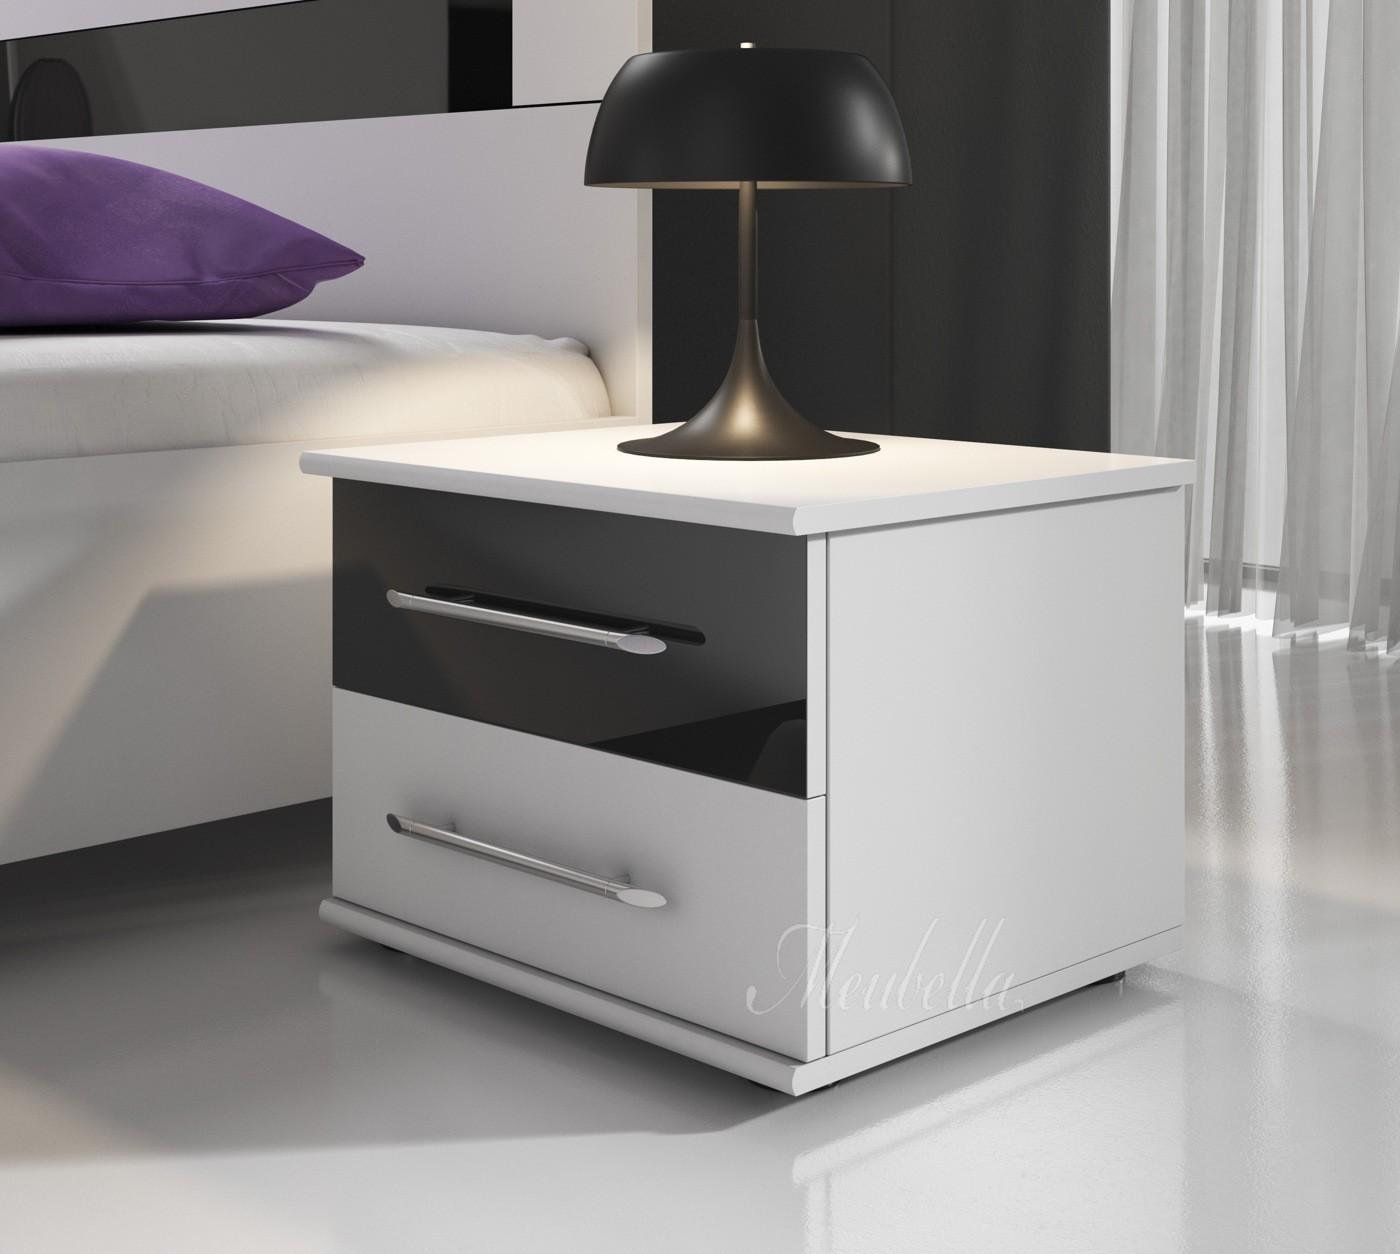 Nachtkastje zwart hoogglans indiase stalen nachtkast design meubelen en de laatste woontrends - Moderne nachtkastje ...